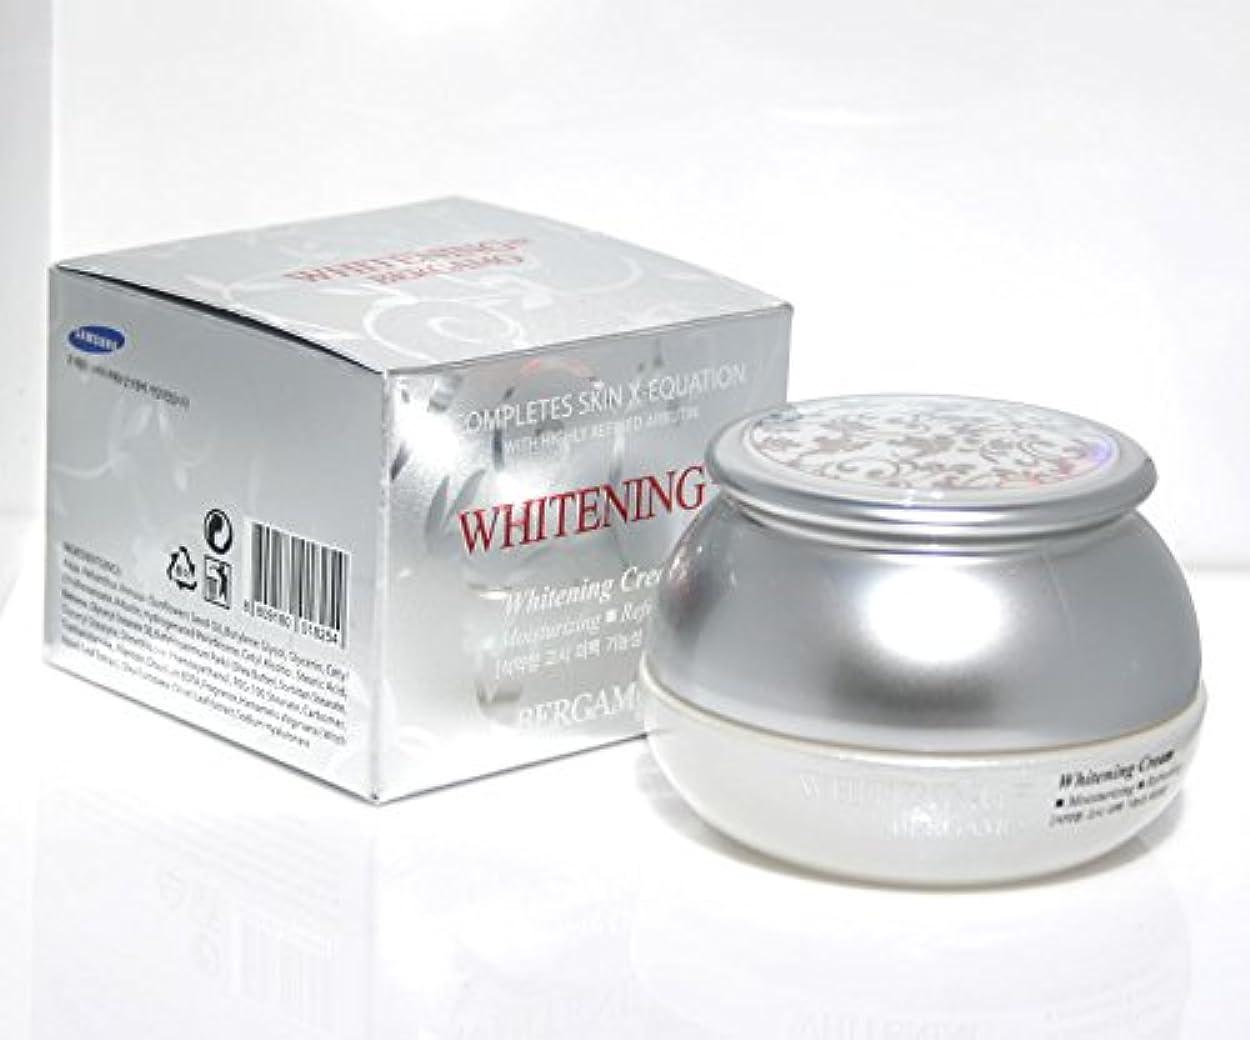 評論家トラック遺伝子【ベルガモ][Bergamo]  は、高度に精製アルブチンホワイトニング例クリーム50g /  Completes Skin X-equation with Highly Refined Albutin Whitening...